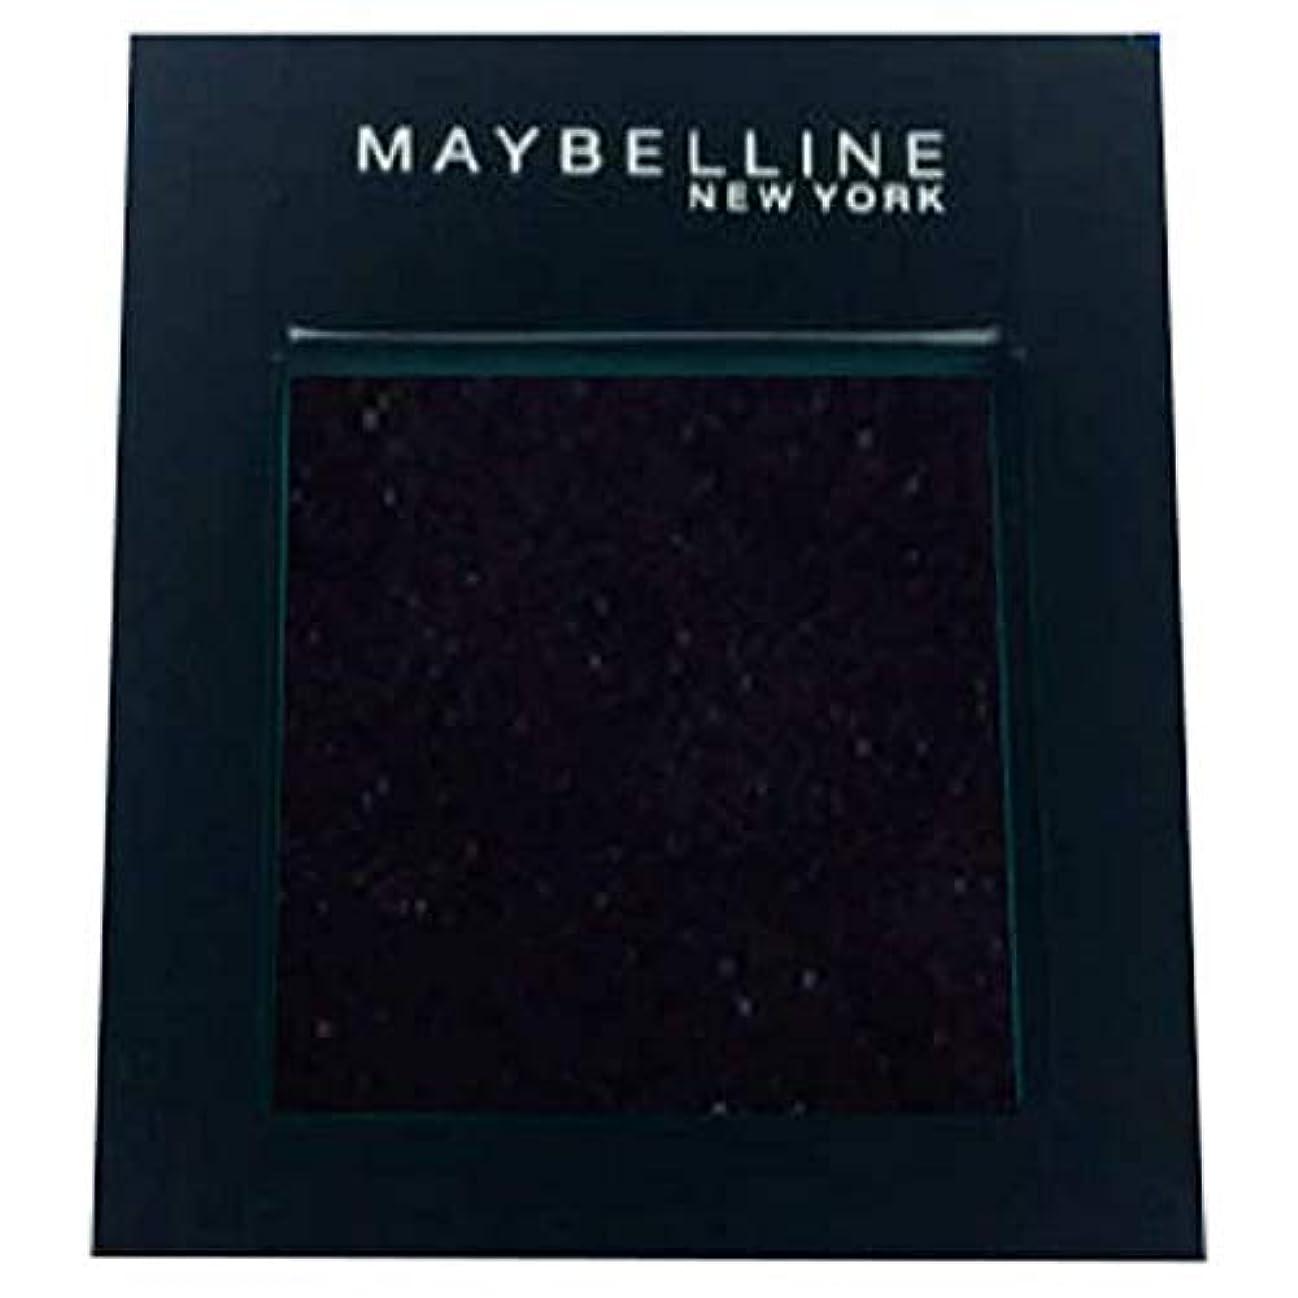 ロックオークモザイク[Maybelline ] メイベリンカラーショーシングルアイシャドウ125の夜 - Maybelline Color Show Single Eyeshadow 125 Night [並行輸入品]